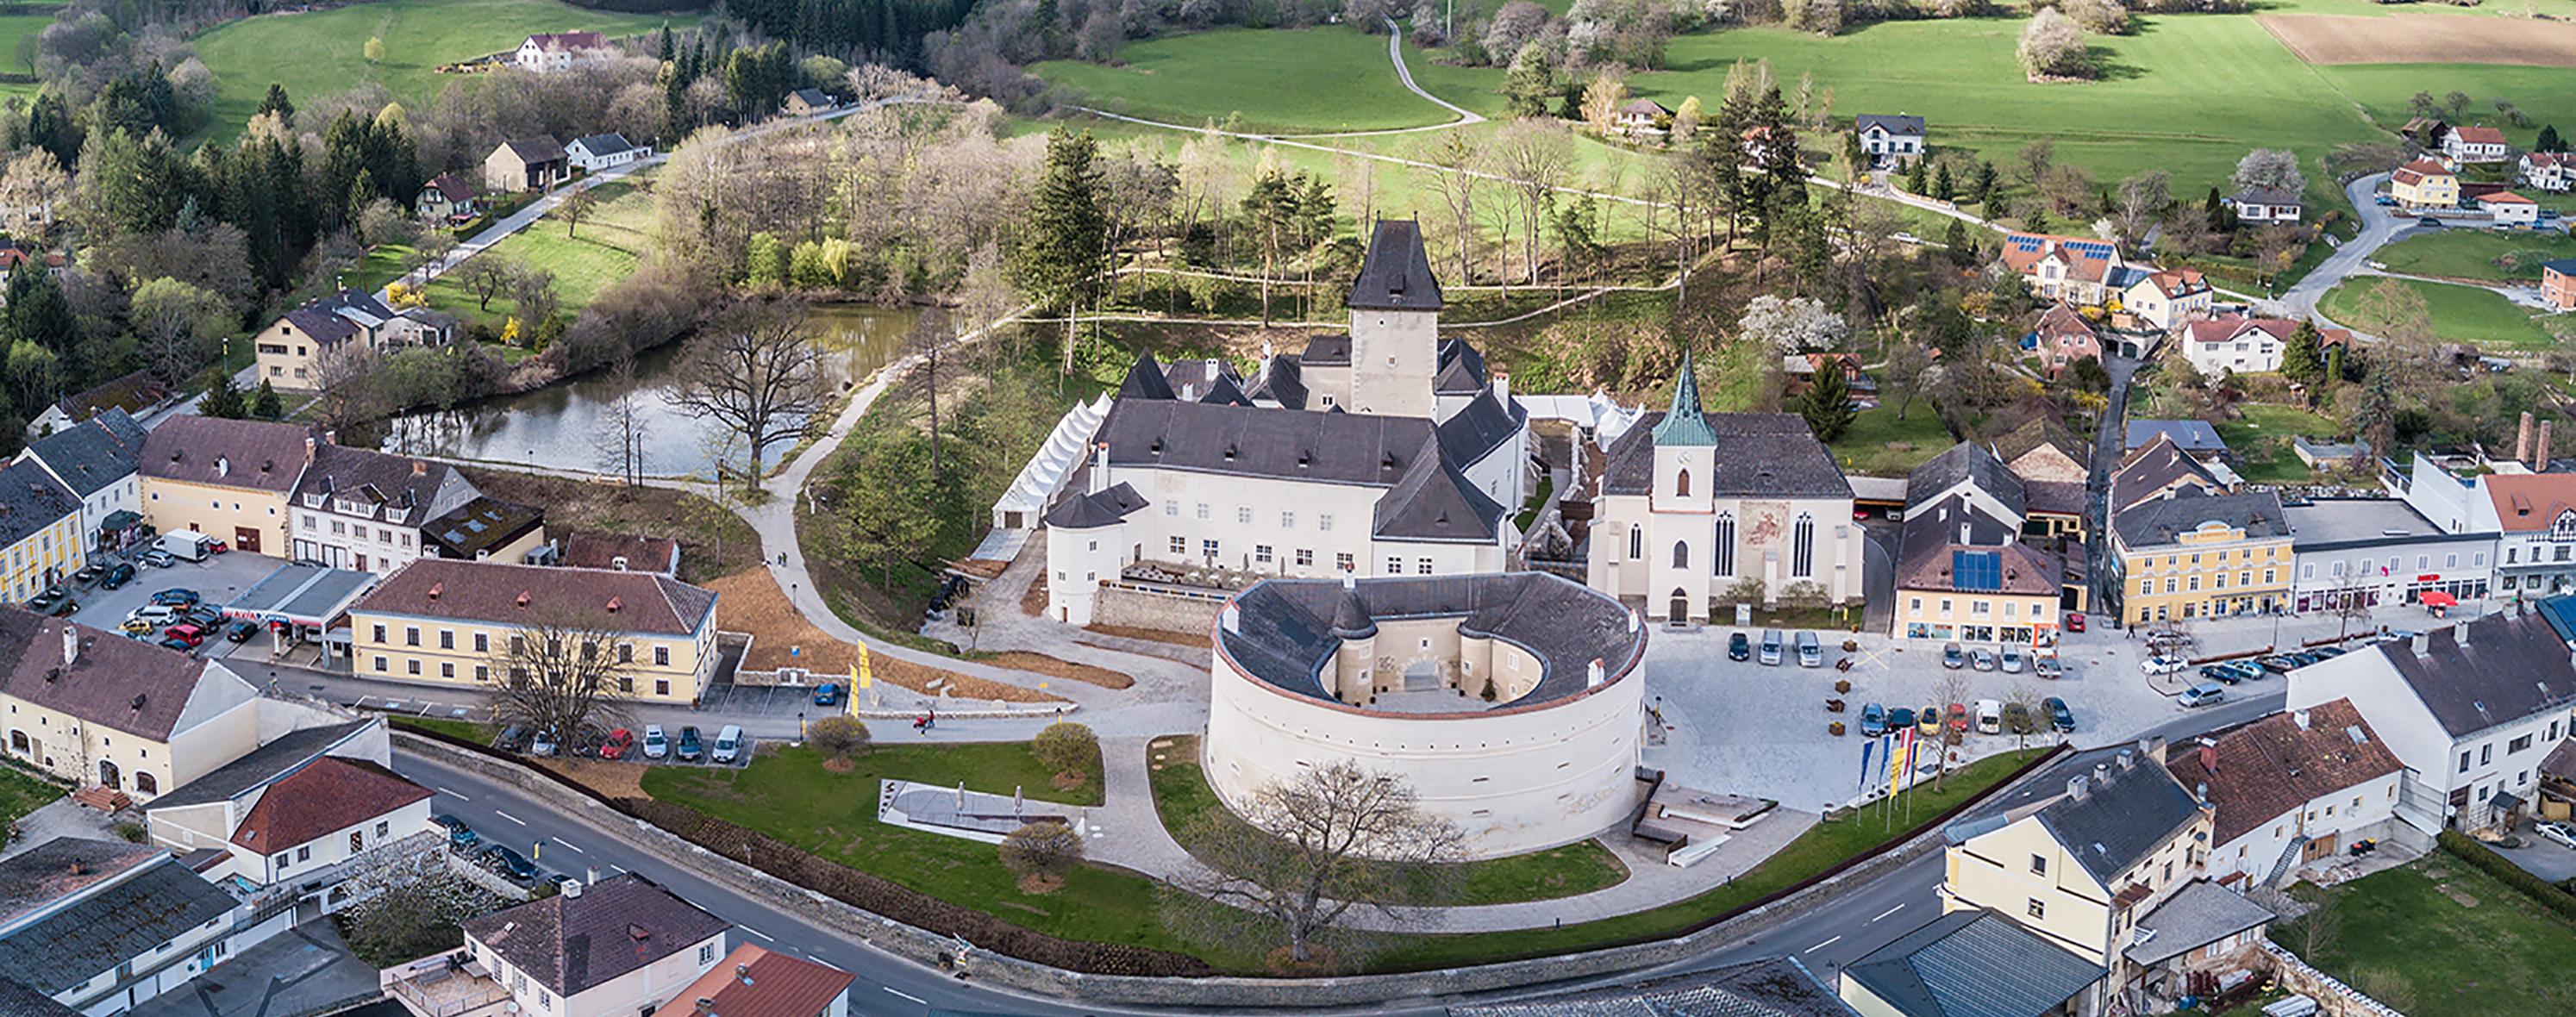 Schloss Pöggstall © Schallaburg Kulturbetriebsges.m.b.H.